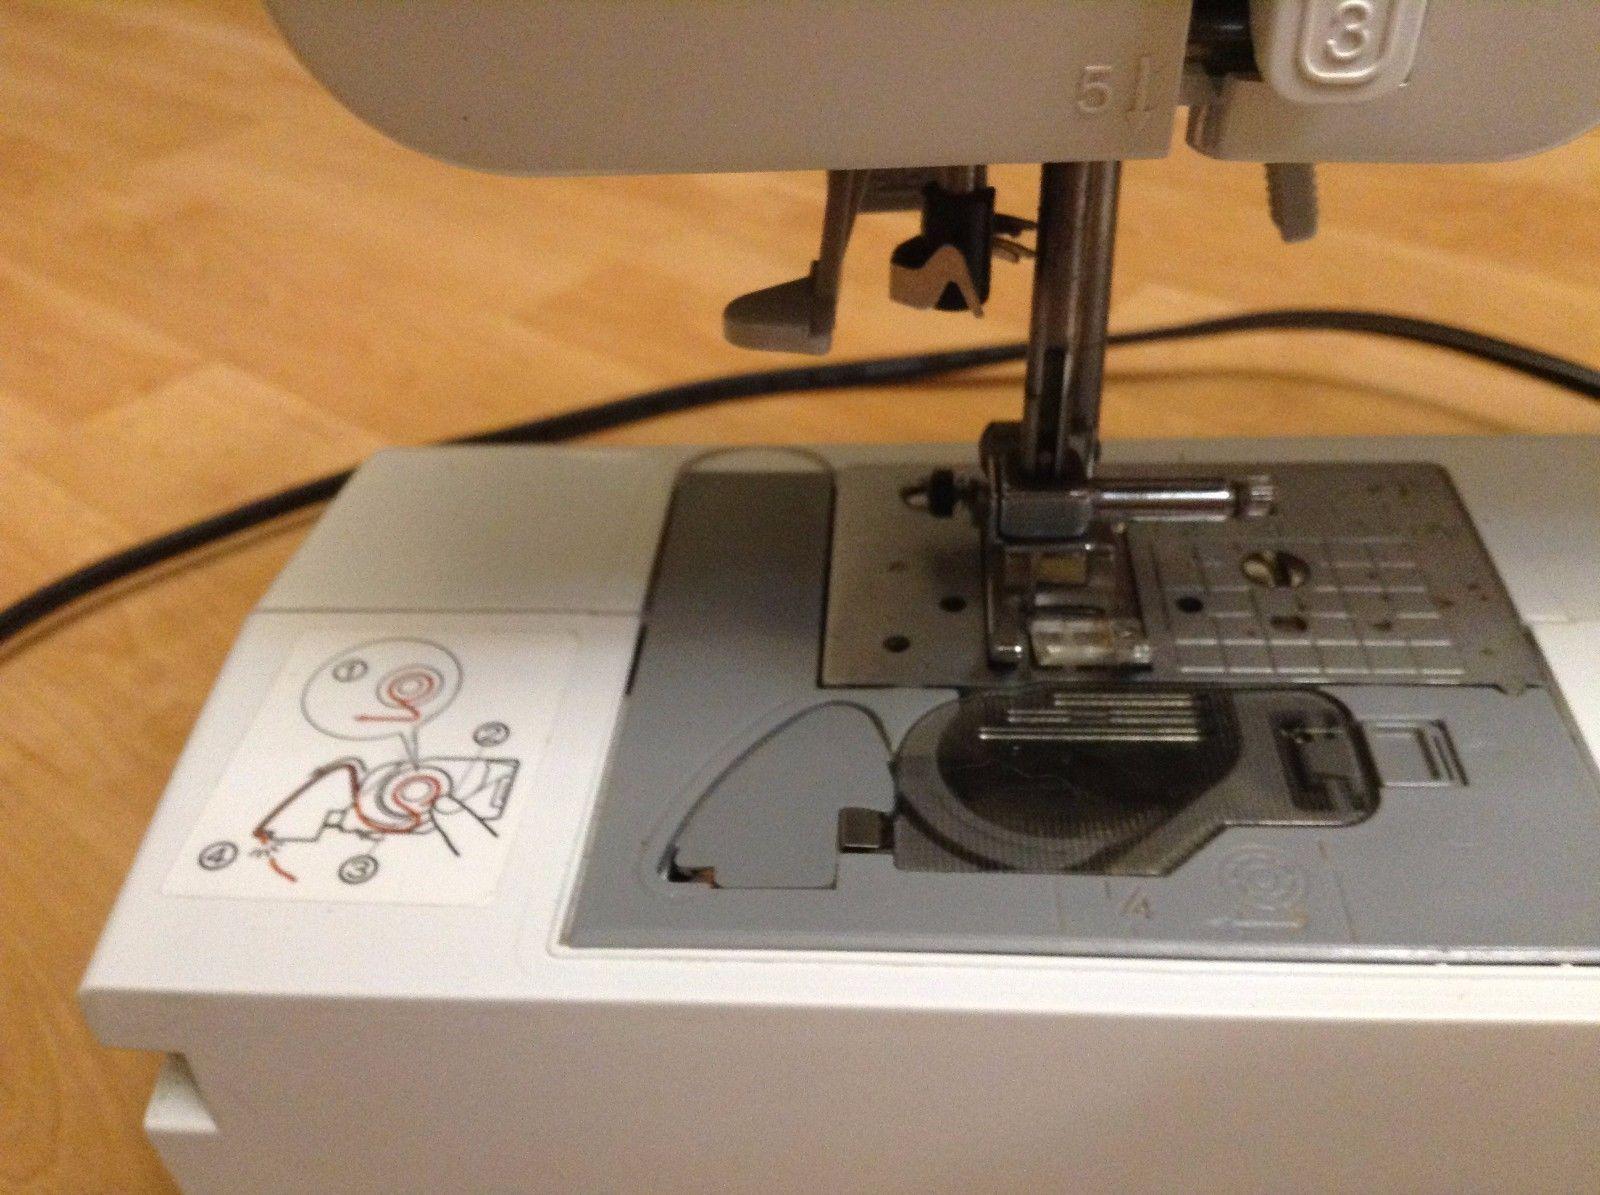 cs 770 sewing machine